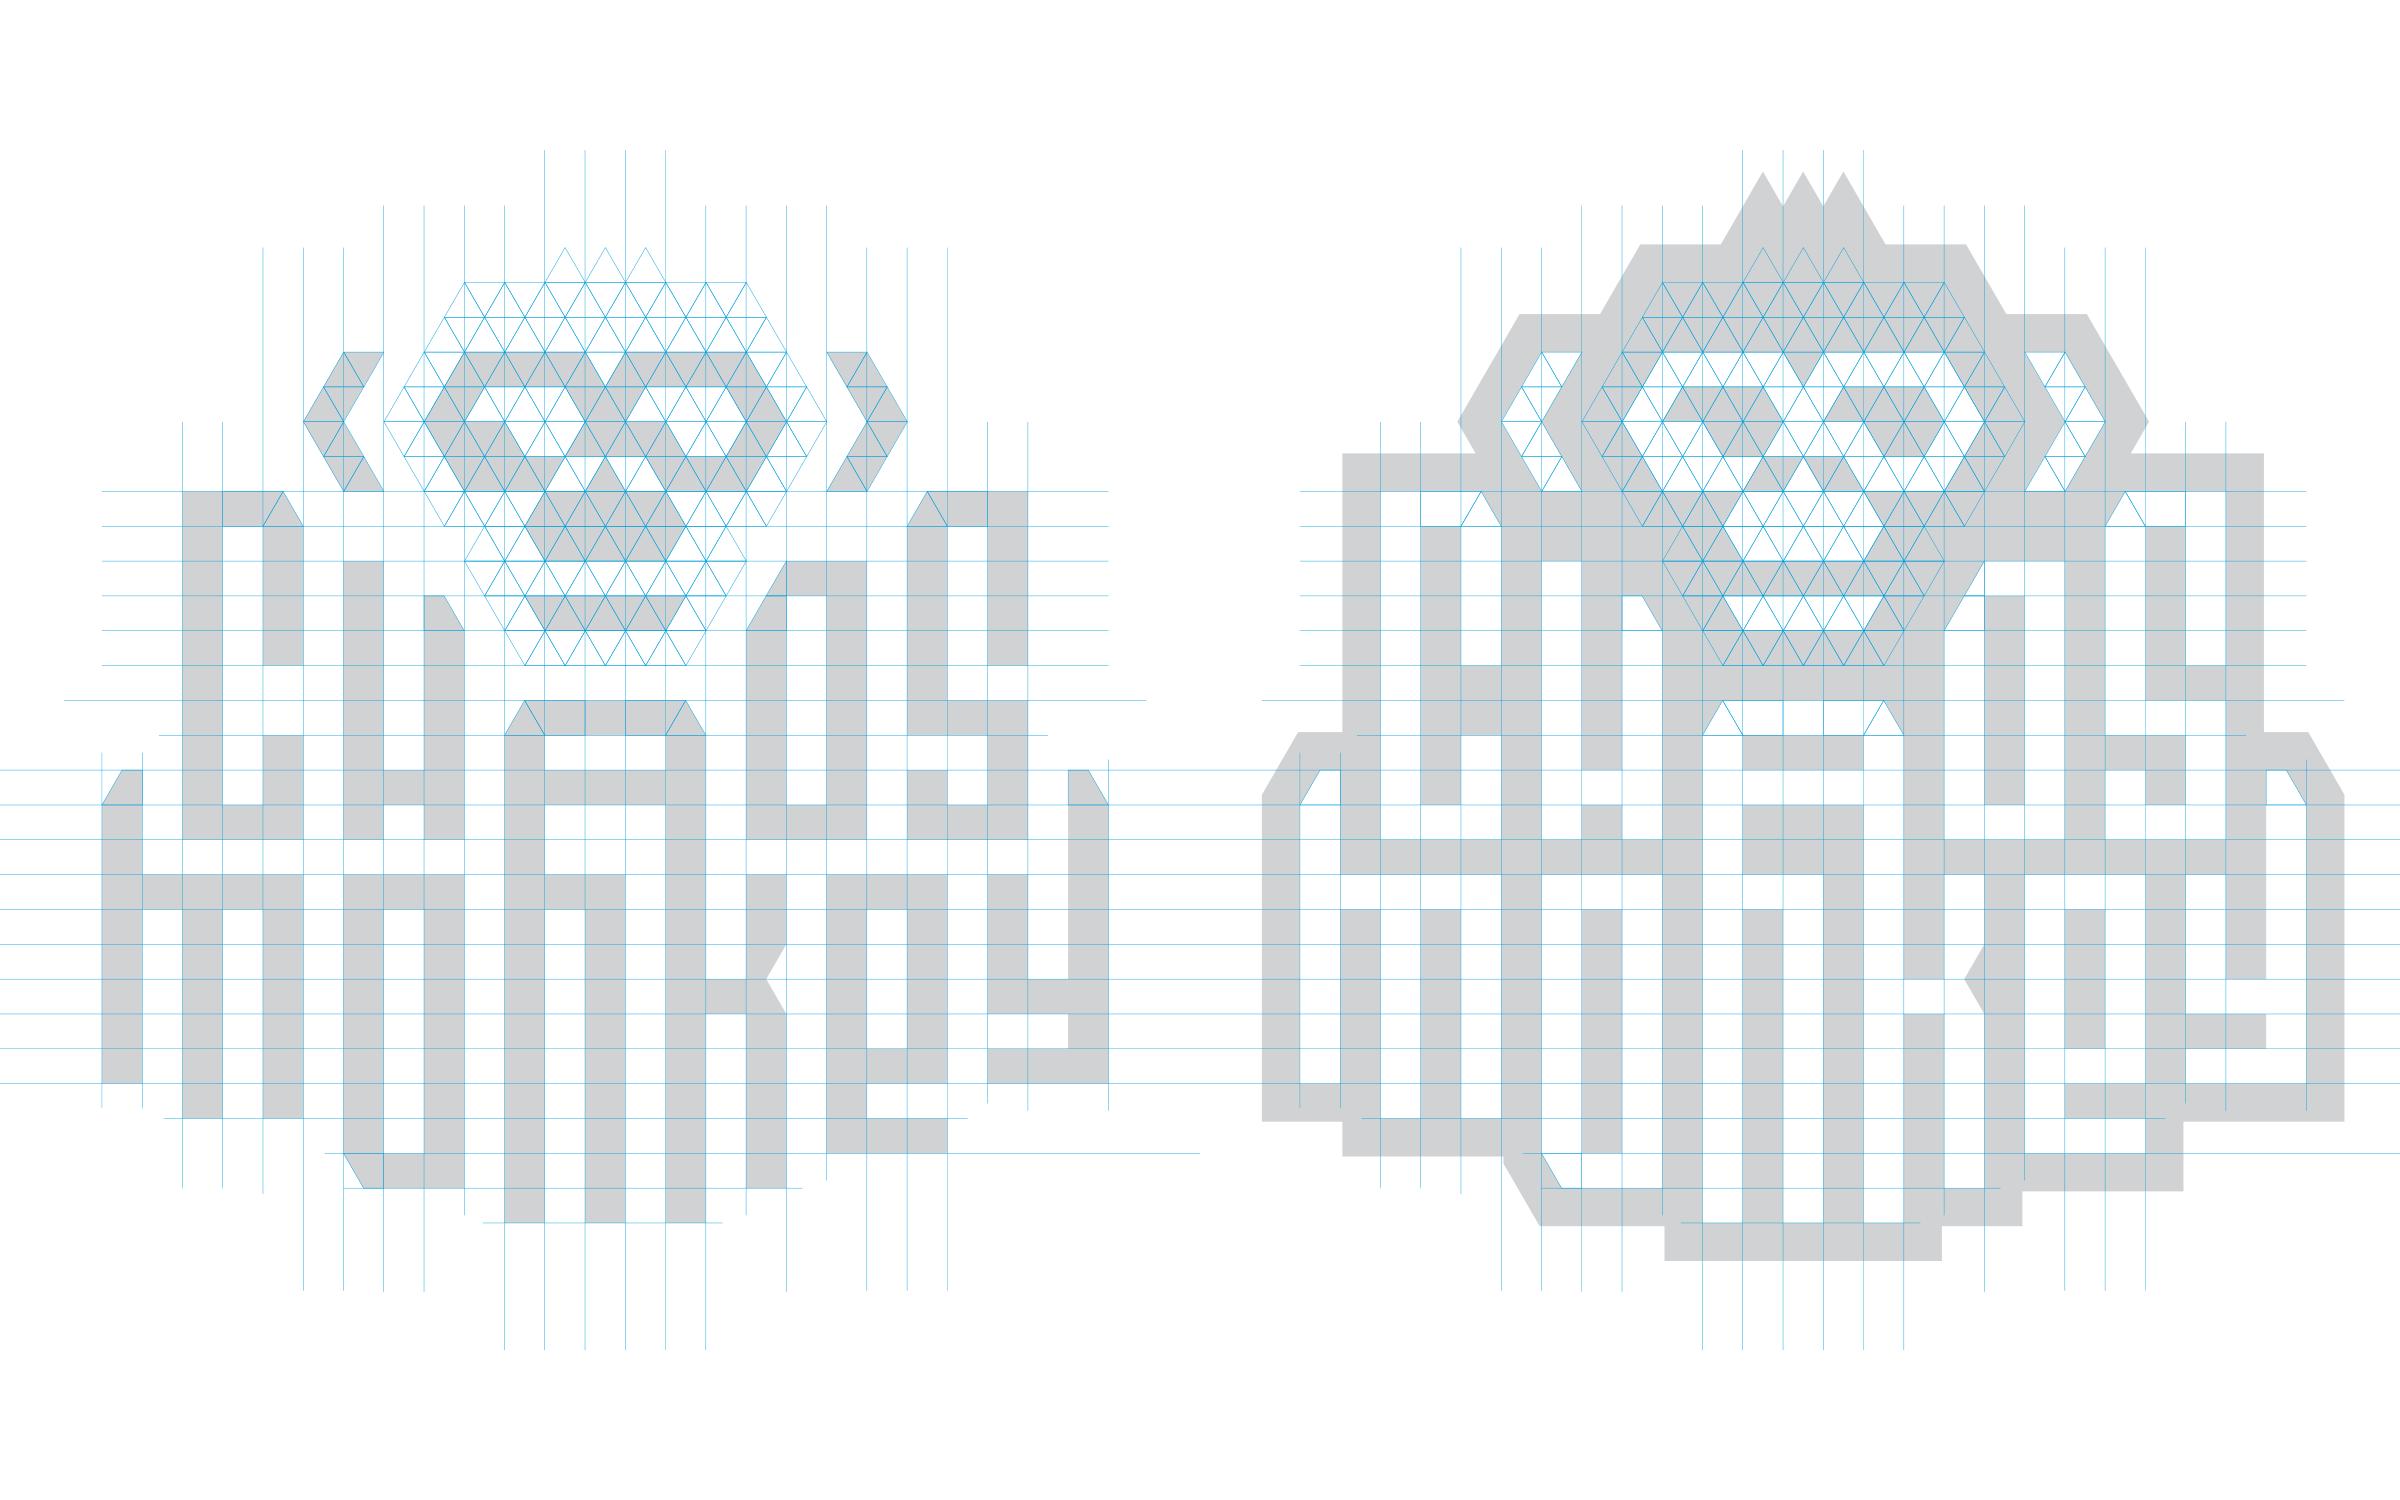 ChaosMonkey_grids.png